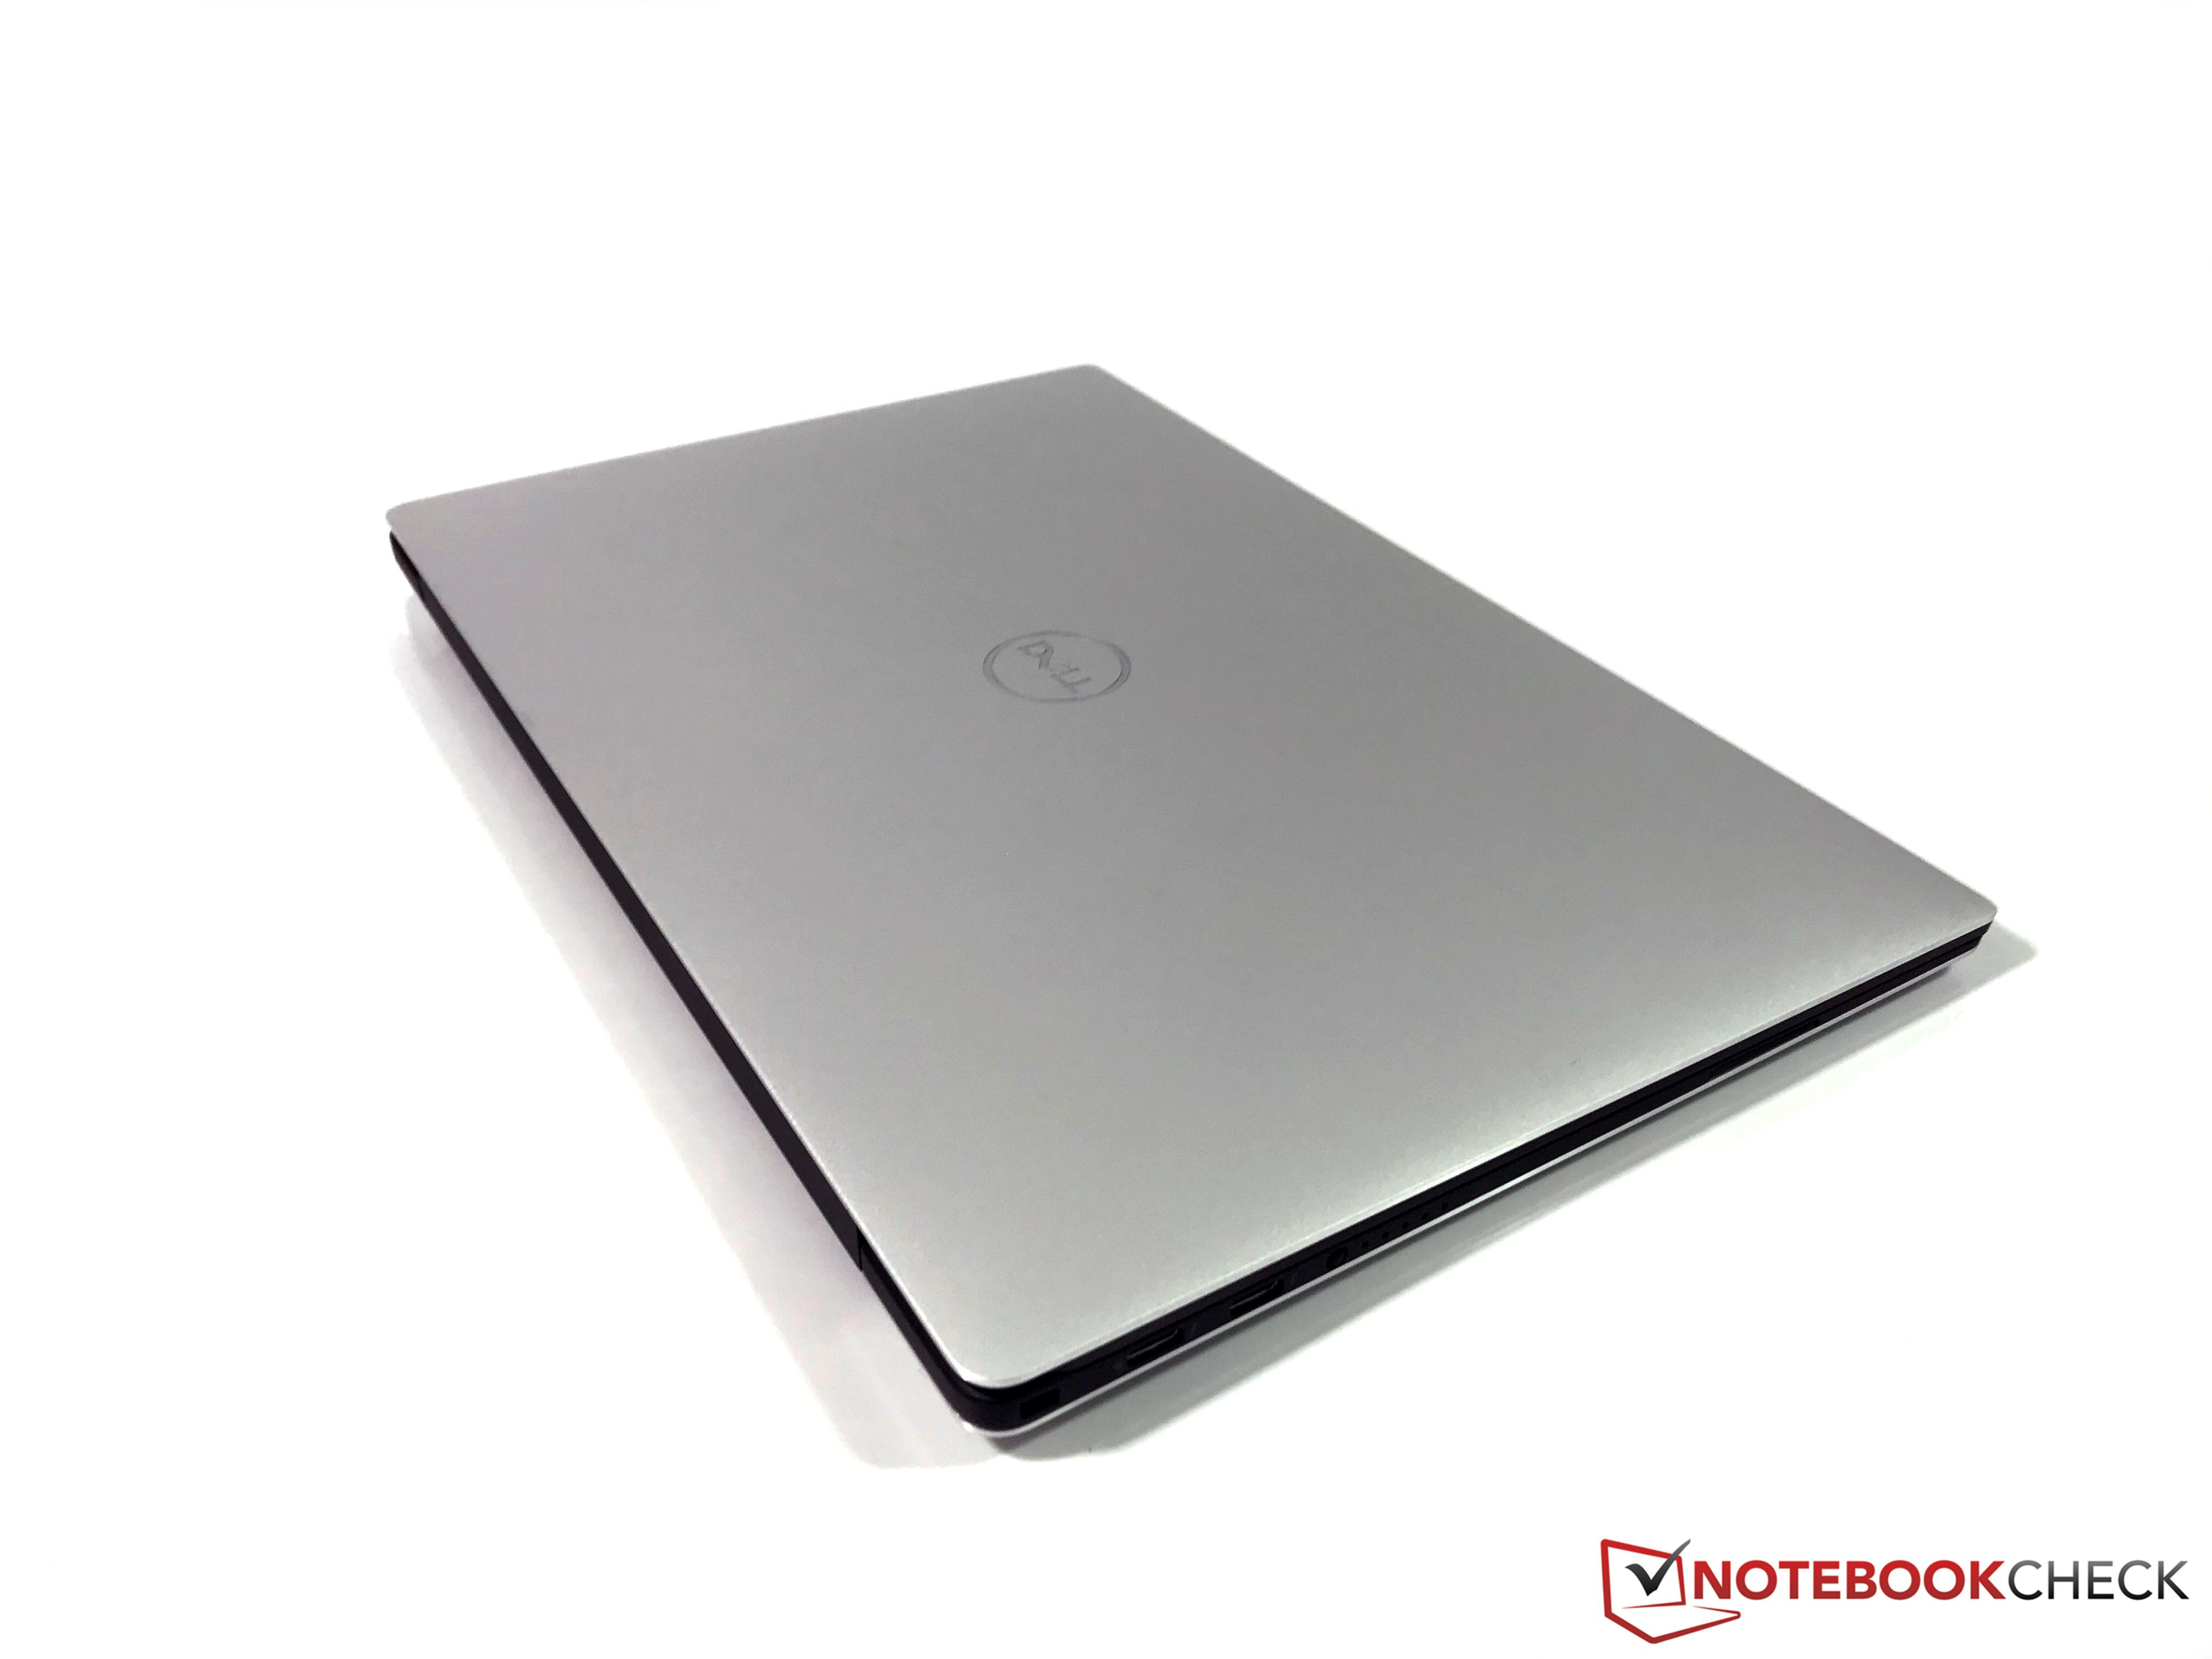 Dell XPS 13 9370 (Core i5, FHD) Laptop rövid értékelés